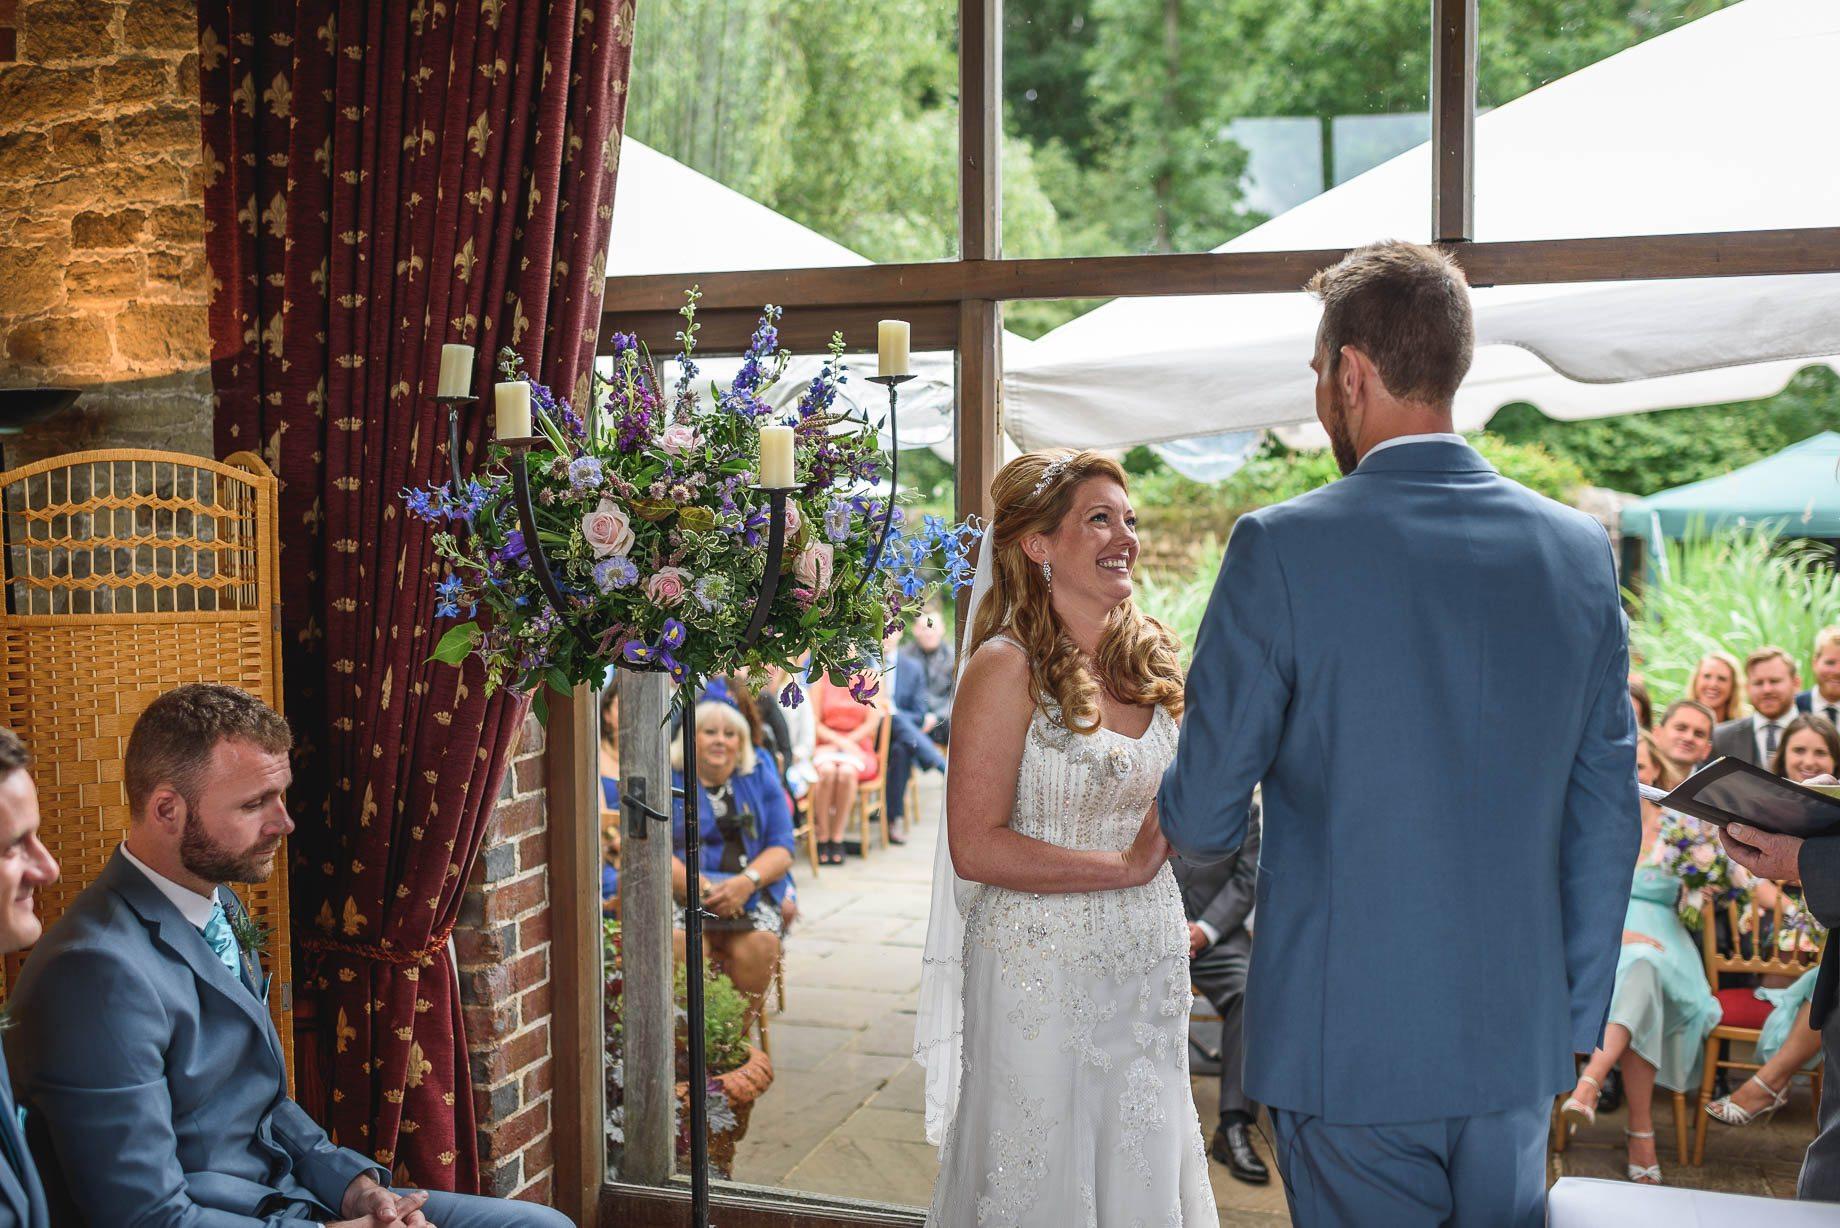 Bartholomew Barns wedding photography - Louise and Spencer (47 of 151)